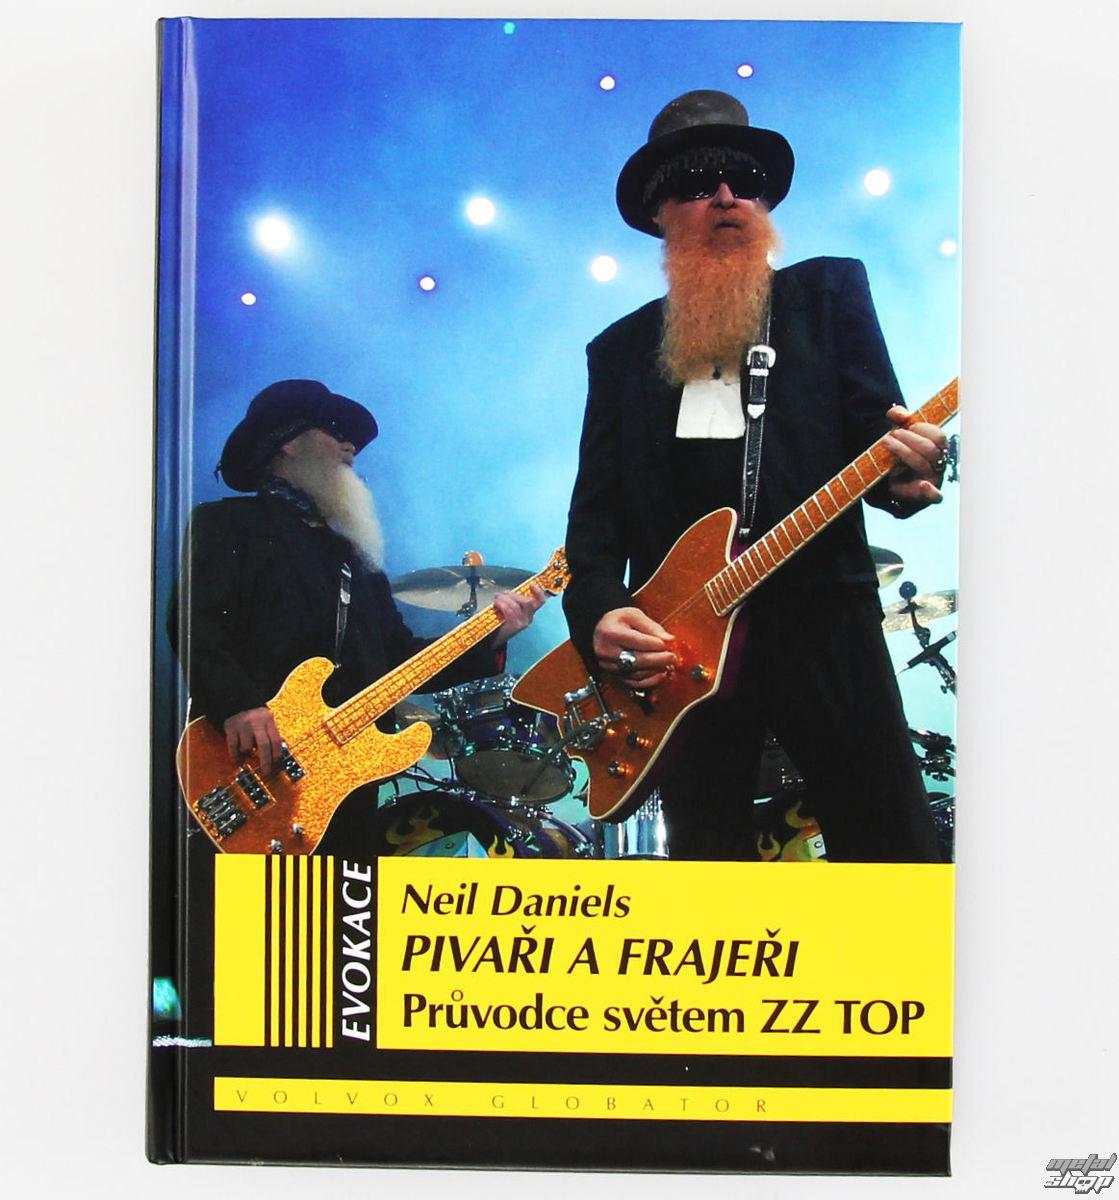 kniha Pivári a Frajeri - Sprievodca svetom ZZ Top - Neil Daniels